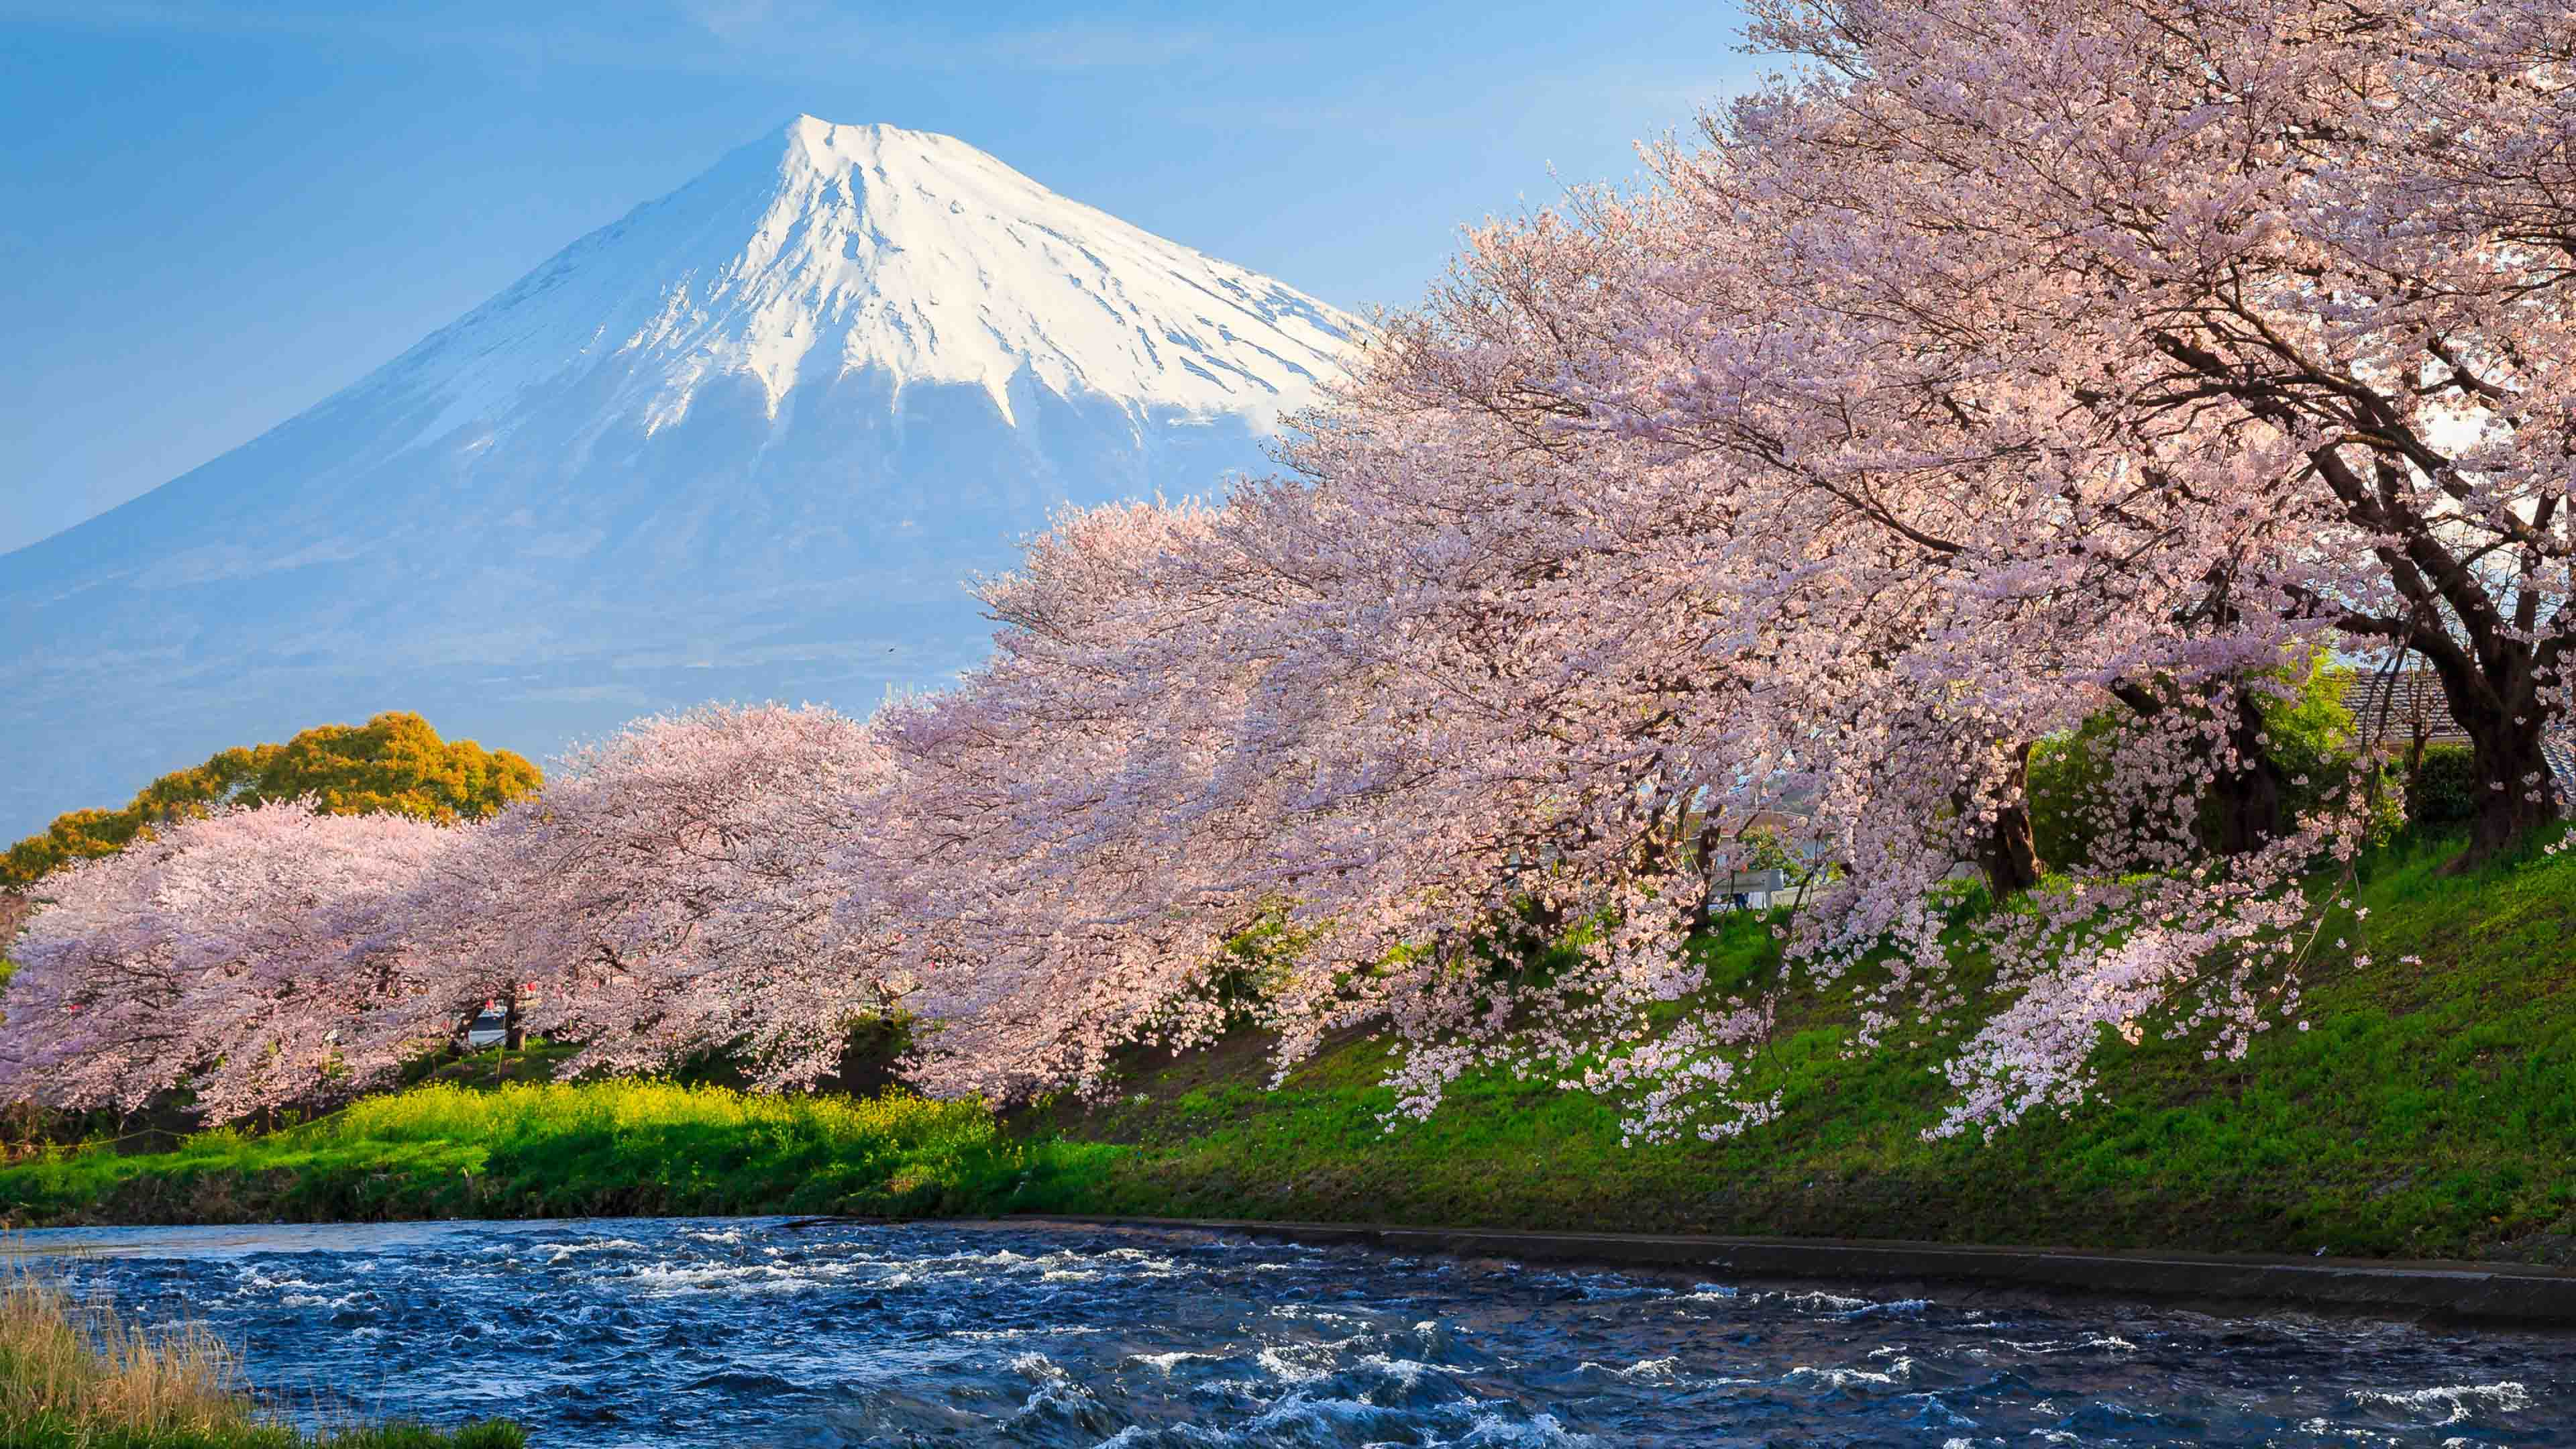 粉色童年梦想,日本旅行追忆篇:Part 1